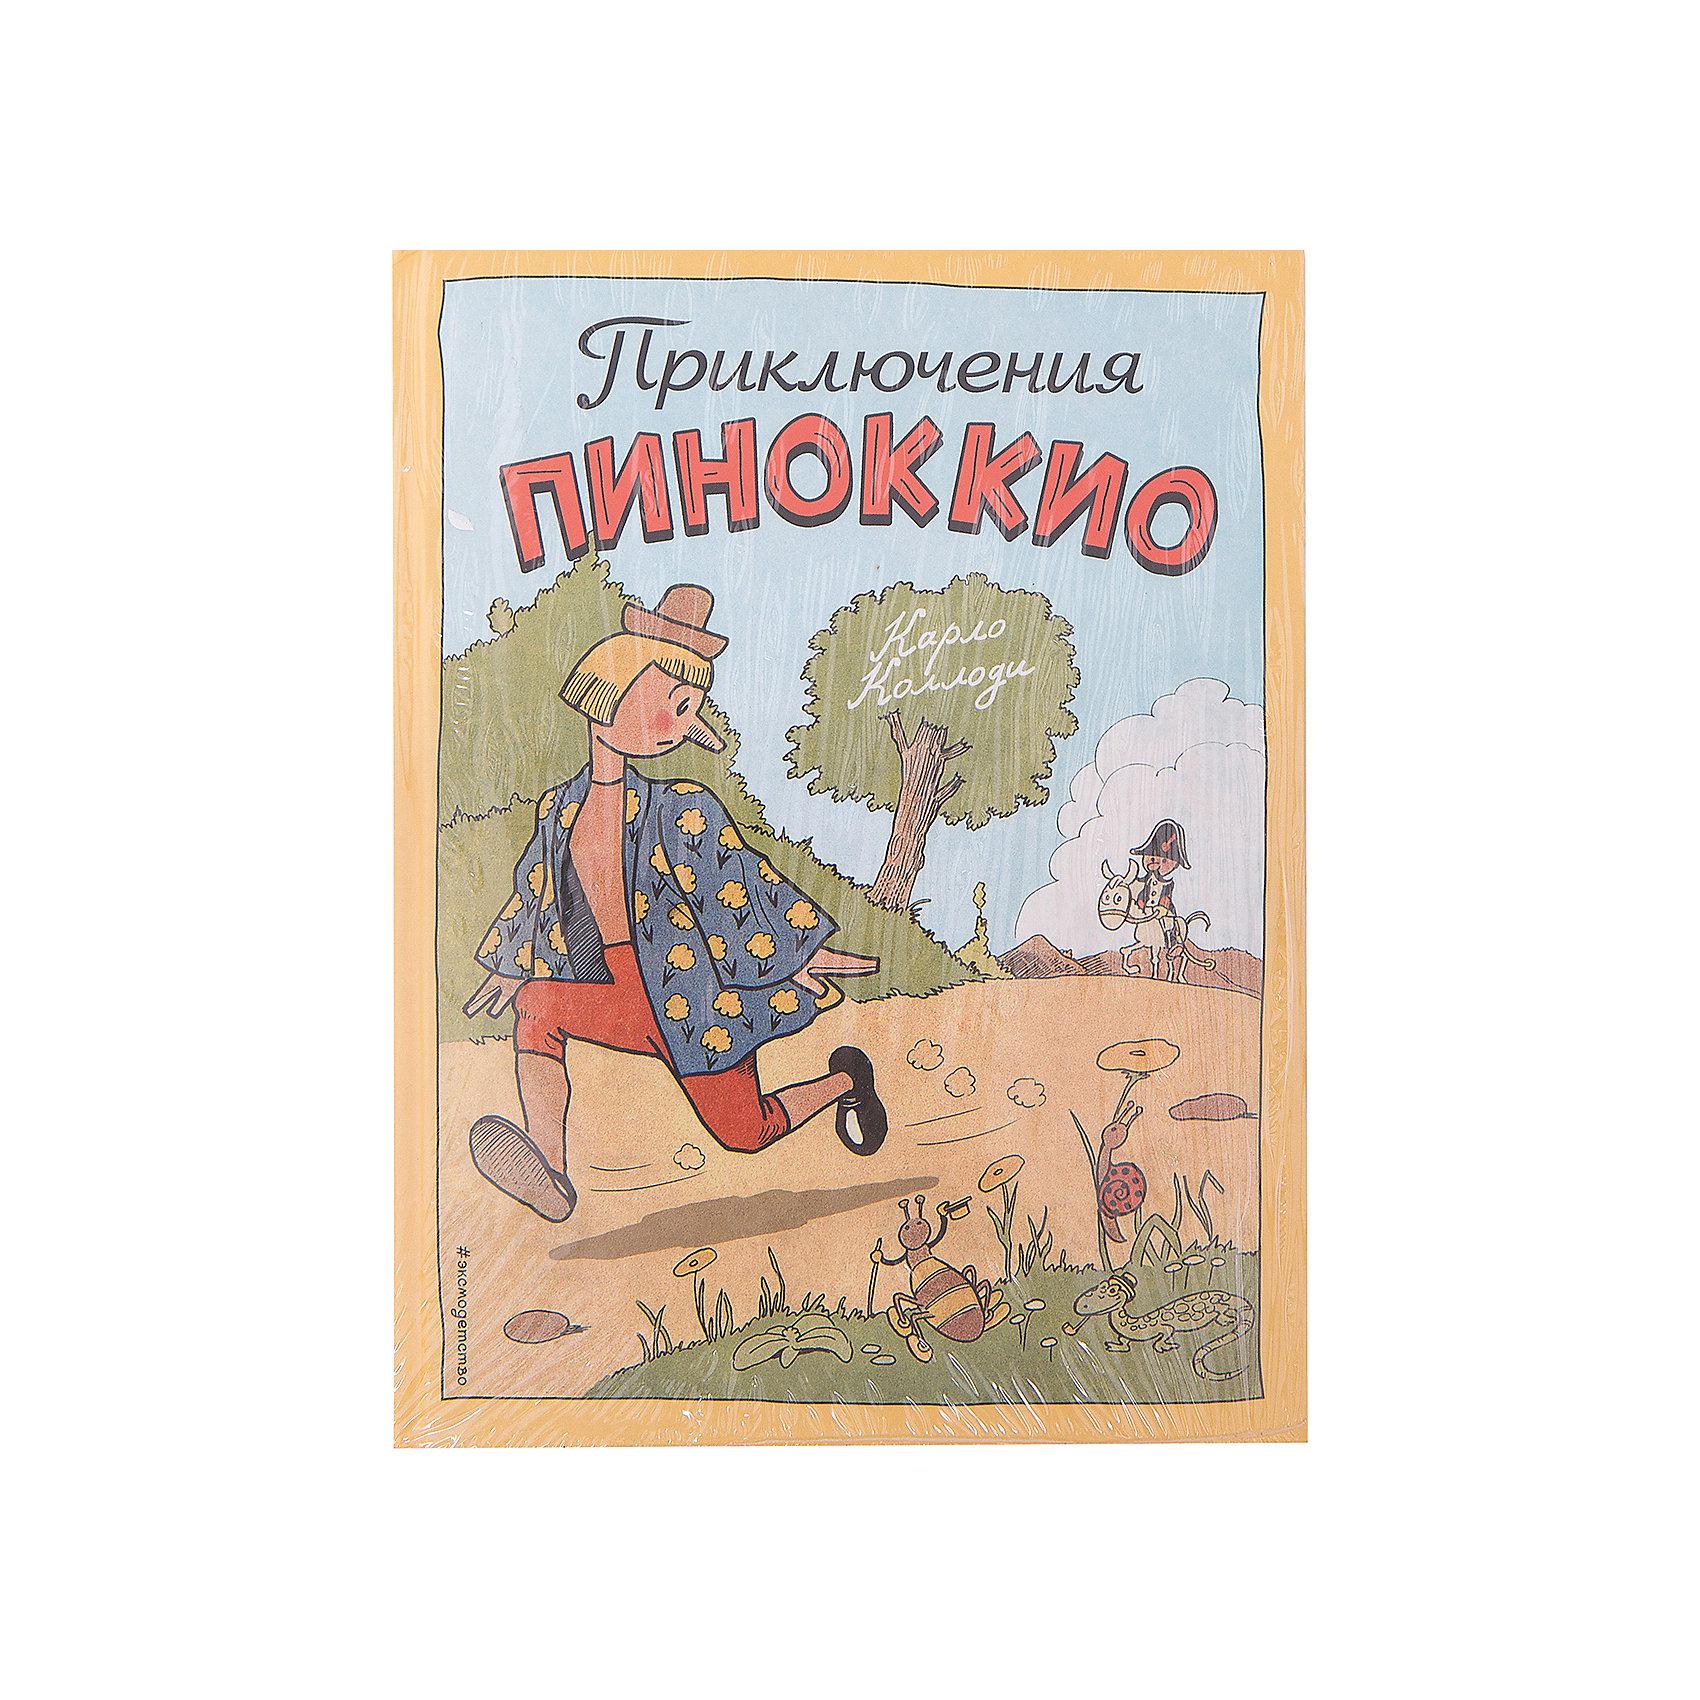 Приключения Пиноккио (ил. Р. Эрика), К. КоллодиЗарубежные сказки<br>Перед вами знаменитая сказка Карло Коллоди о деревянной кукле, сделанной из полена. Пиноккио умеет разговаривать и ходить, наделен многими хорошими и плохими чертами характера.<br>Как и настоящие маленькие дети, он не хочет учиться, порою обожает выдумывать и лгать. Правда, из-за лжи начинает увеличиваться его деревянный нос, а от бездумных игр он становится осликом. Опасности и приключения постоянно встречаются на пути Пиноккио. И только хорошие правильные поступки сделают чудо: он превратится в настоящего мальчика.<br>Книга Приключения Пиноккио уже давно стала национальным достоянием Италии, и ее тиражи занимают лидирующие строчки не только среди детских, но и среди взрослых книг.<br>Для среднего школьного возраста.<br><br>Ширина мм: 219<br>Глубина мм: 165<br>Высота мм: 180<br>Вес г: 514<br>Возраст от месяцев: 60<br>Возраст до месяцев: 2147483647<br>Пол: Унисекс<br>Возраст: Детский<br>SKU: 5535318